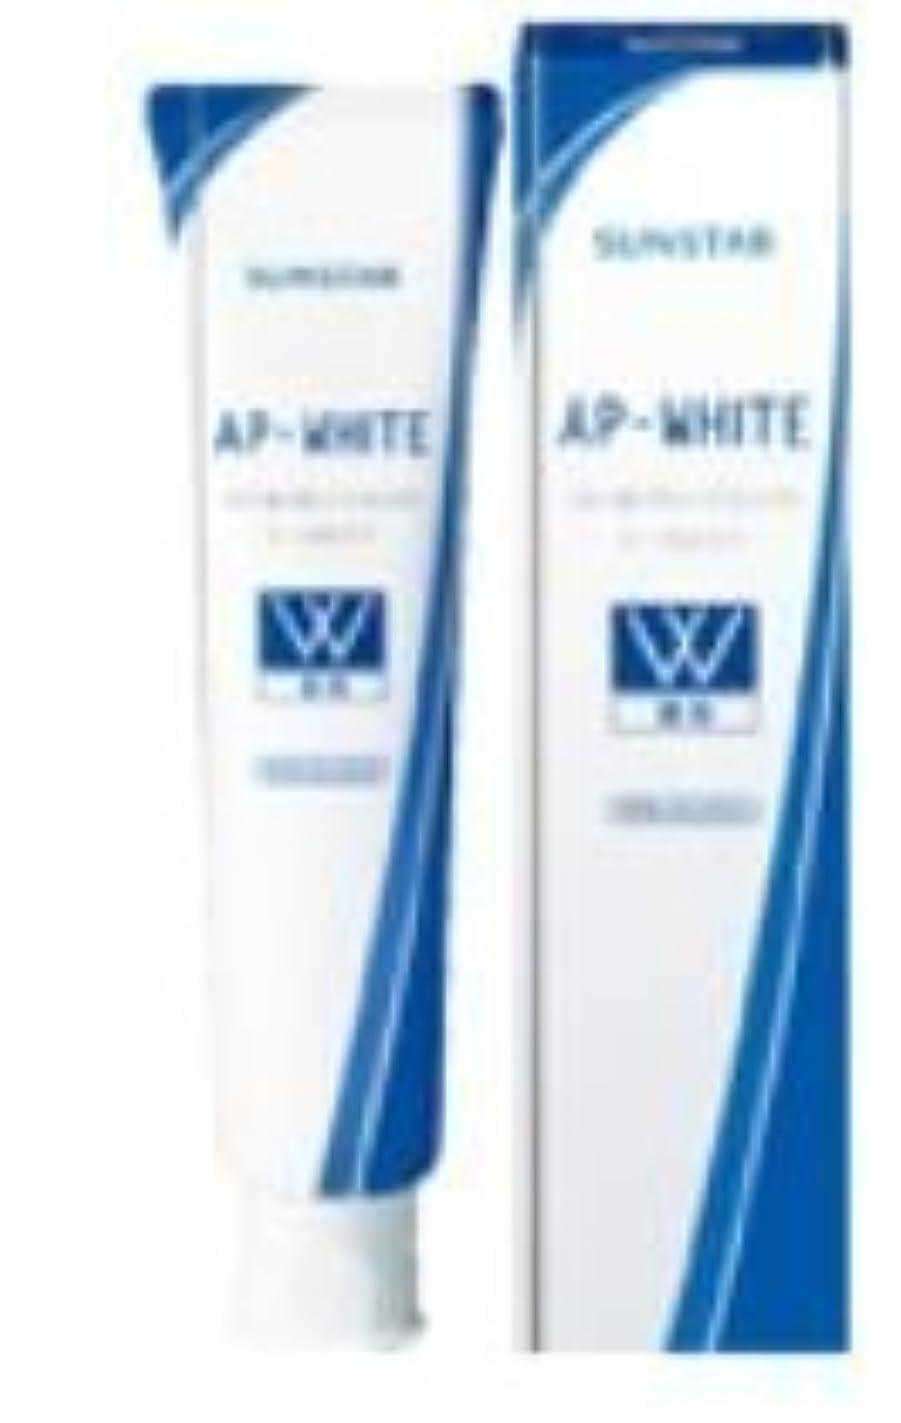 促進する素晴らしさフライト薬用APホワイトペースト リフレッシュミント 110g×5個